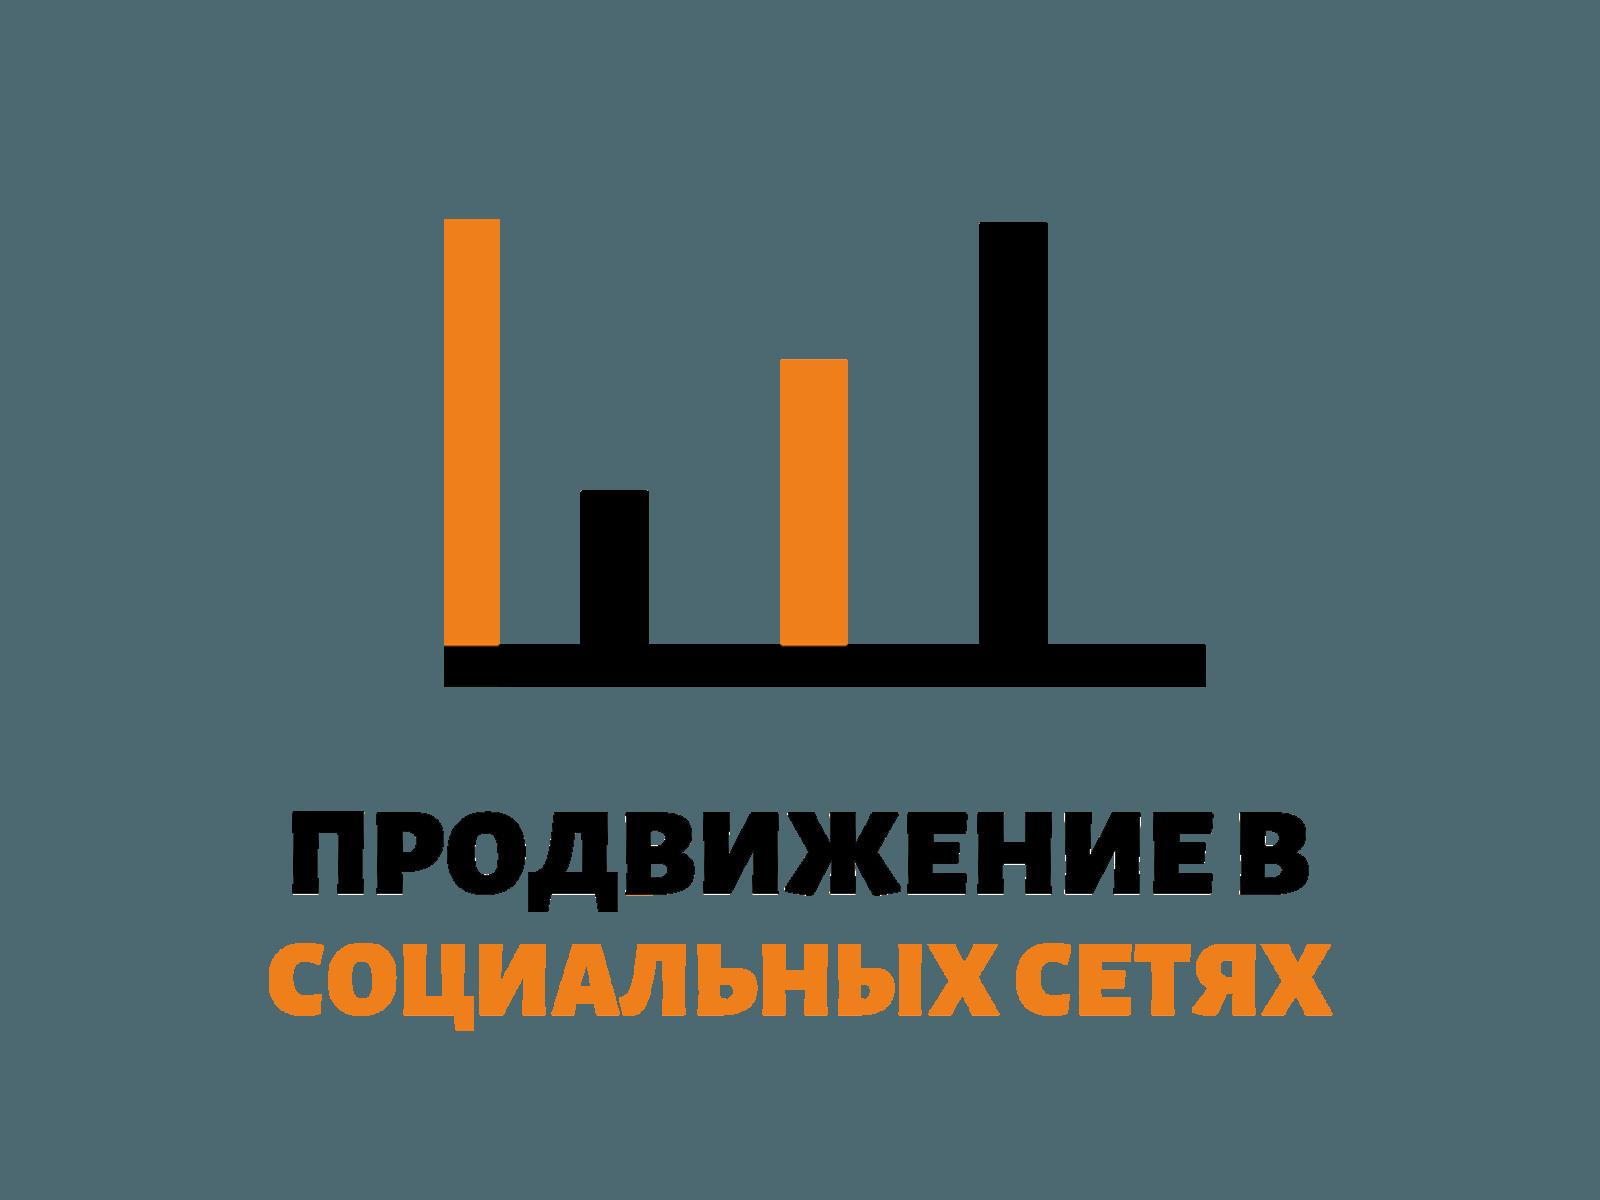 prodvizhenie v socialnyh setjaha - Создание сайтов в Атырау